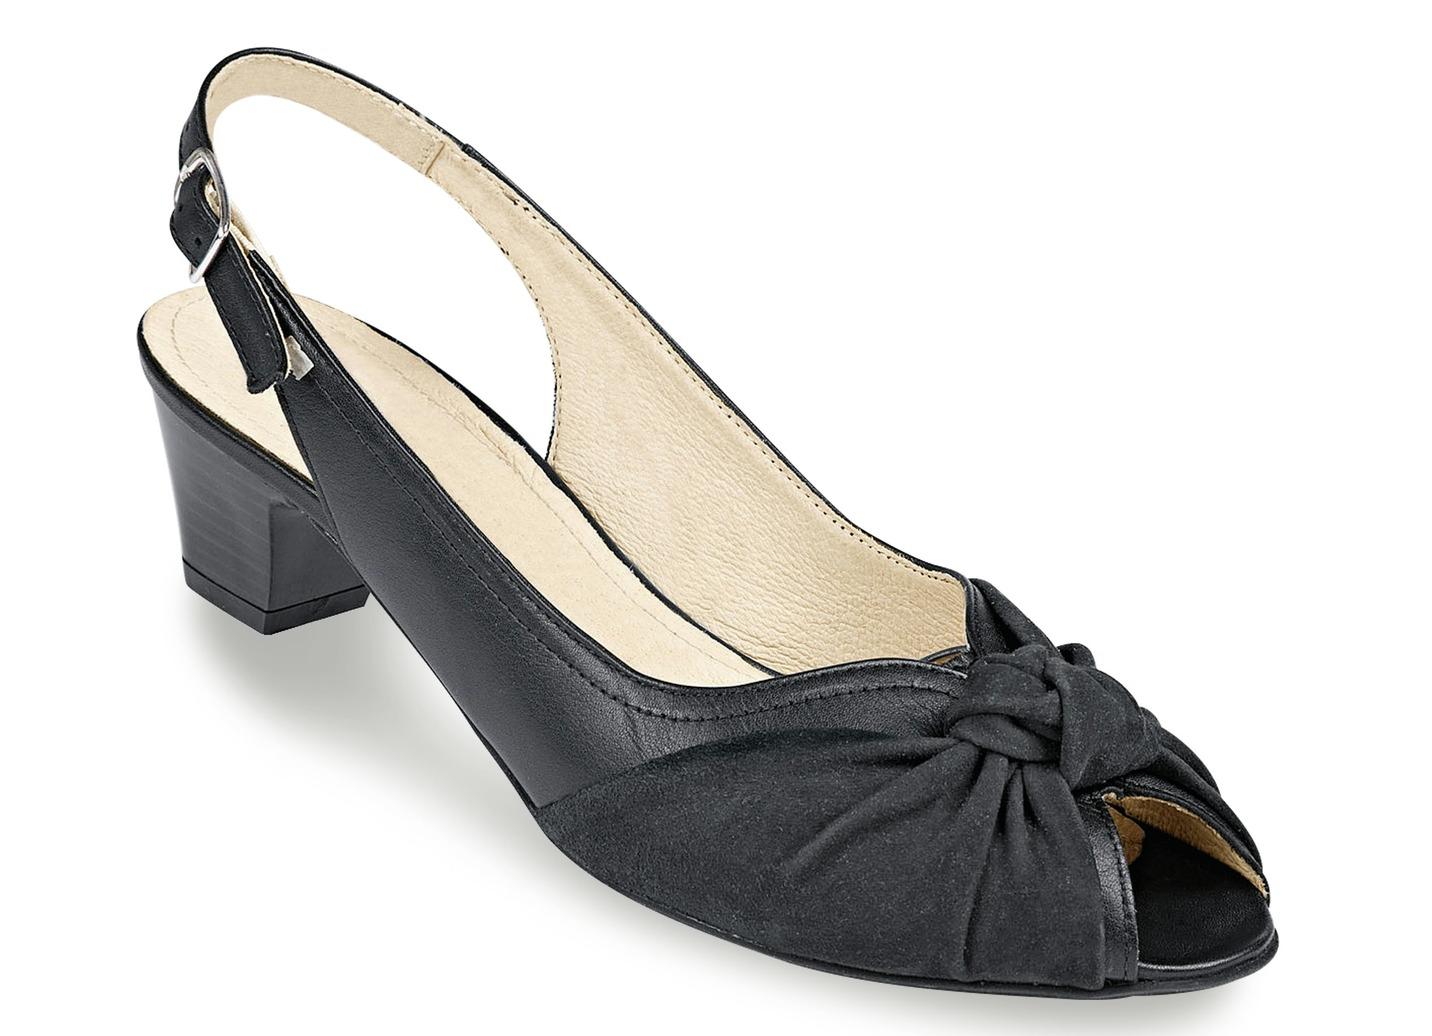 Elegante Sandalette  mit gepolsterter Lederdecksohle Weite H Schwarz Schuhgröße 3 1/2 Dame Preisvergleich